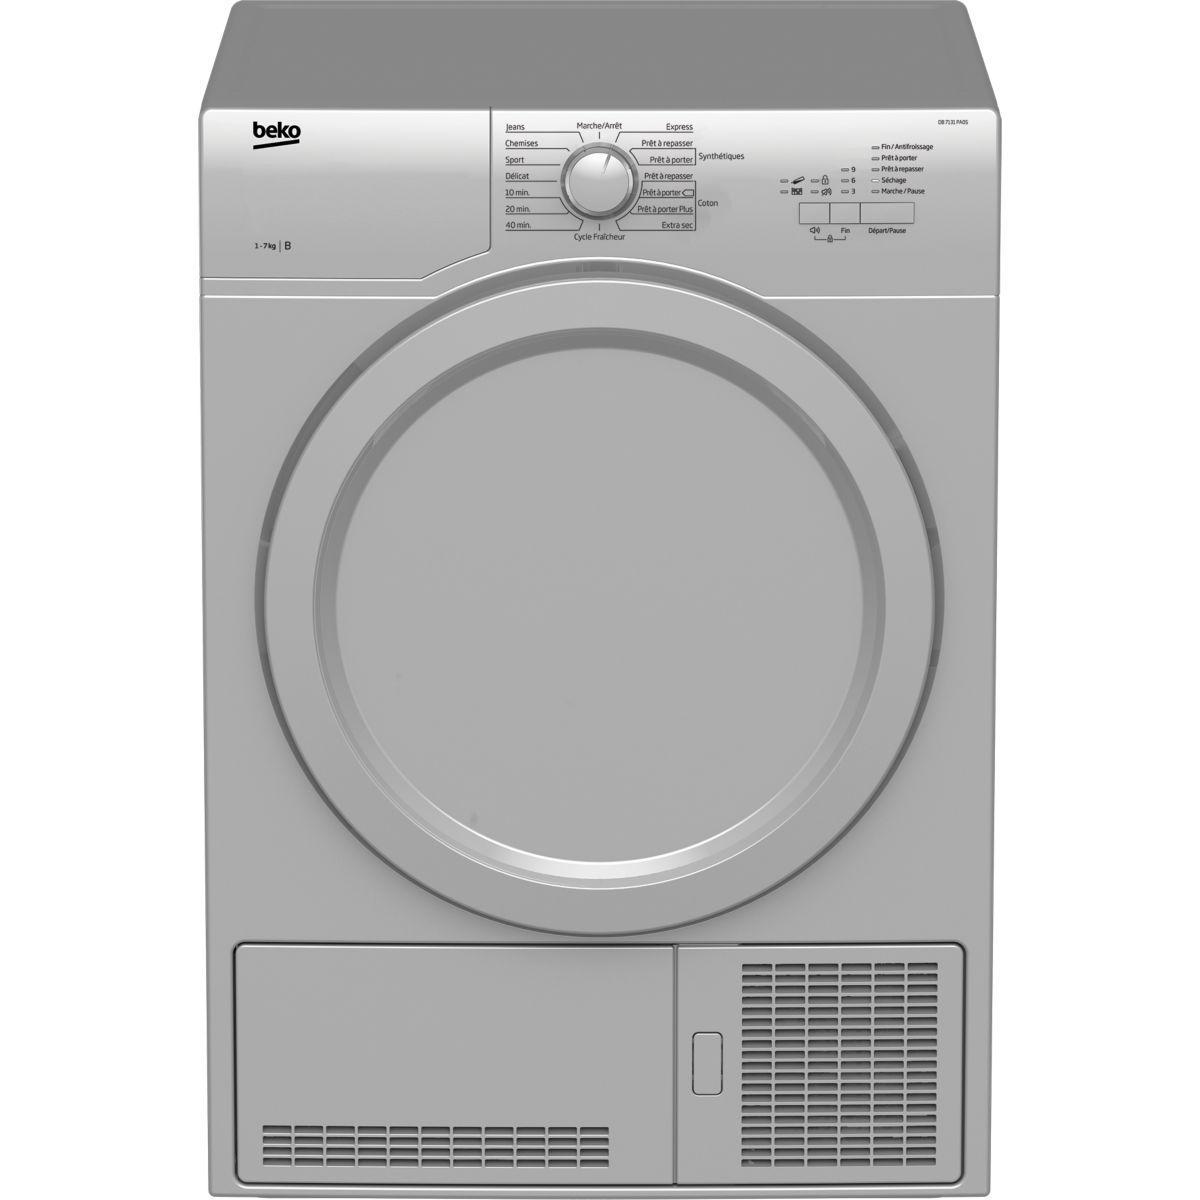 Sèche-linge frontal à condensation beko db7131pa0s - soldes et bons plans (photo)